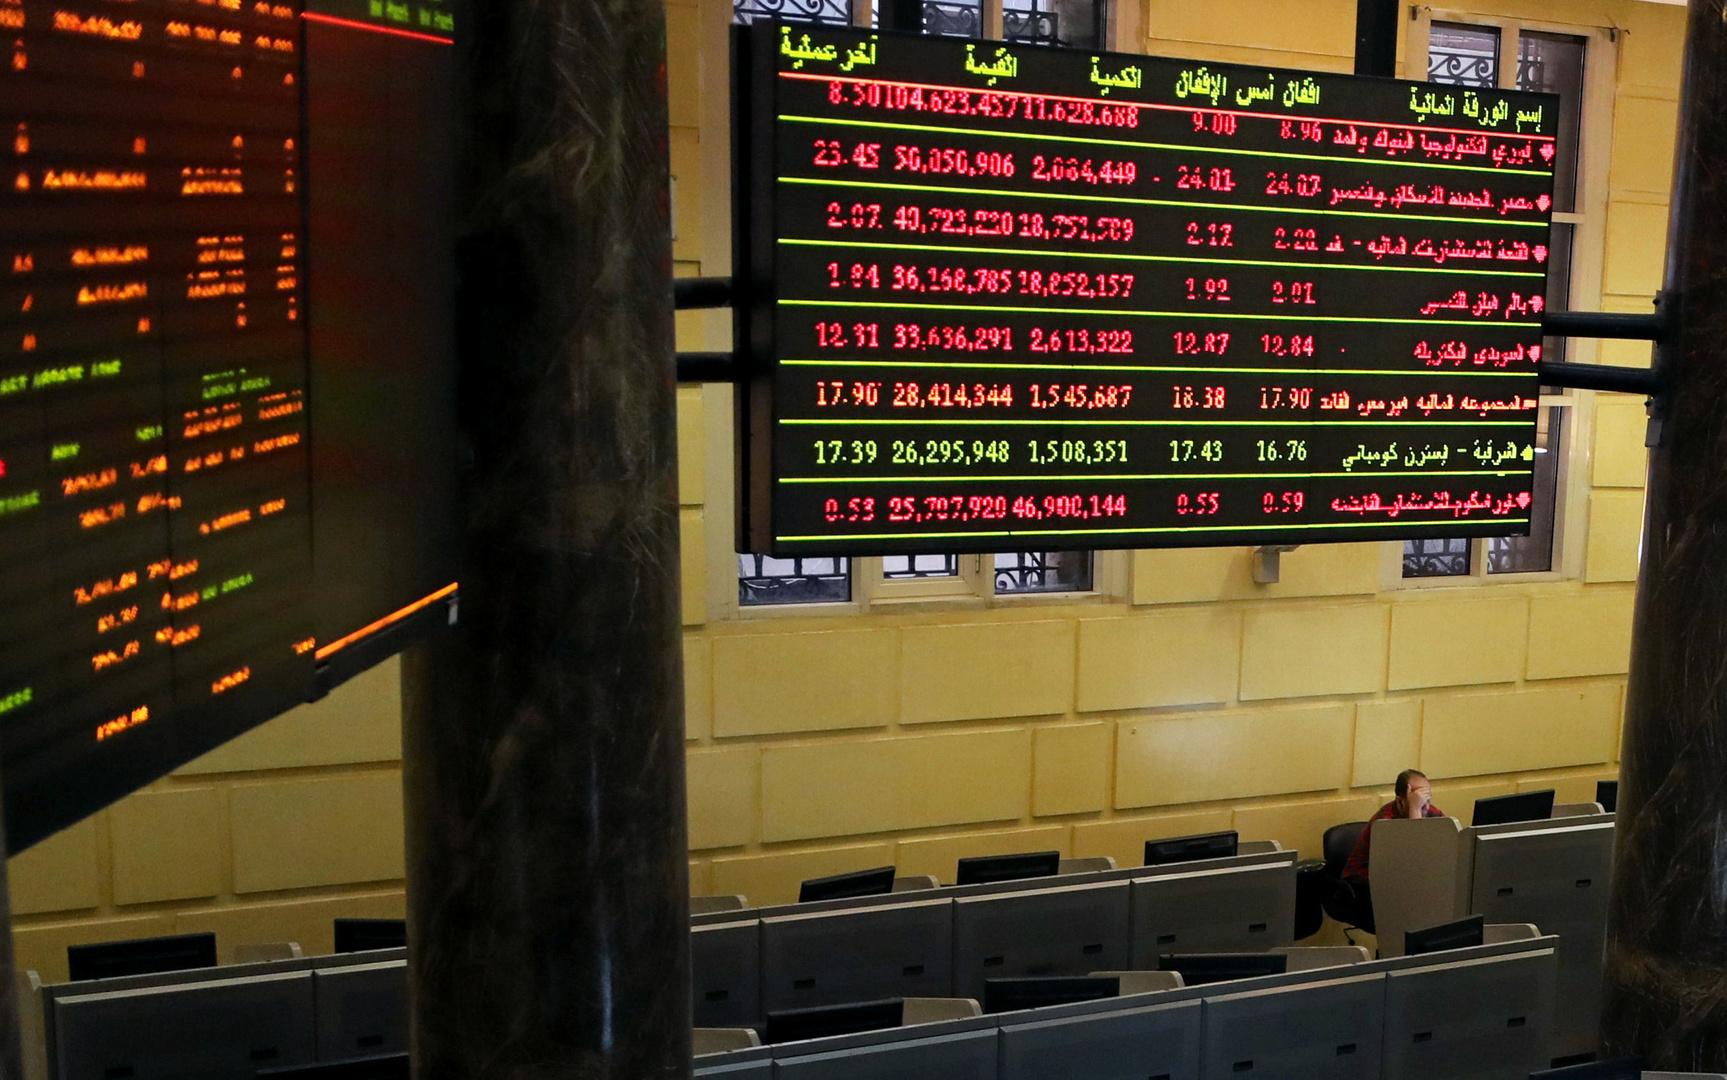 البورصة المصرية تفقد مليارات الجنيهات